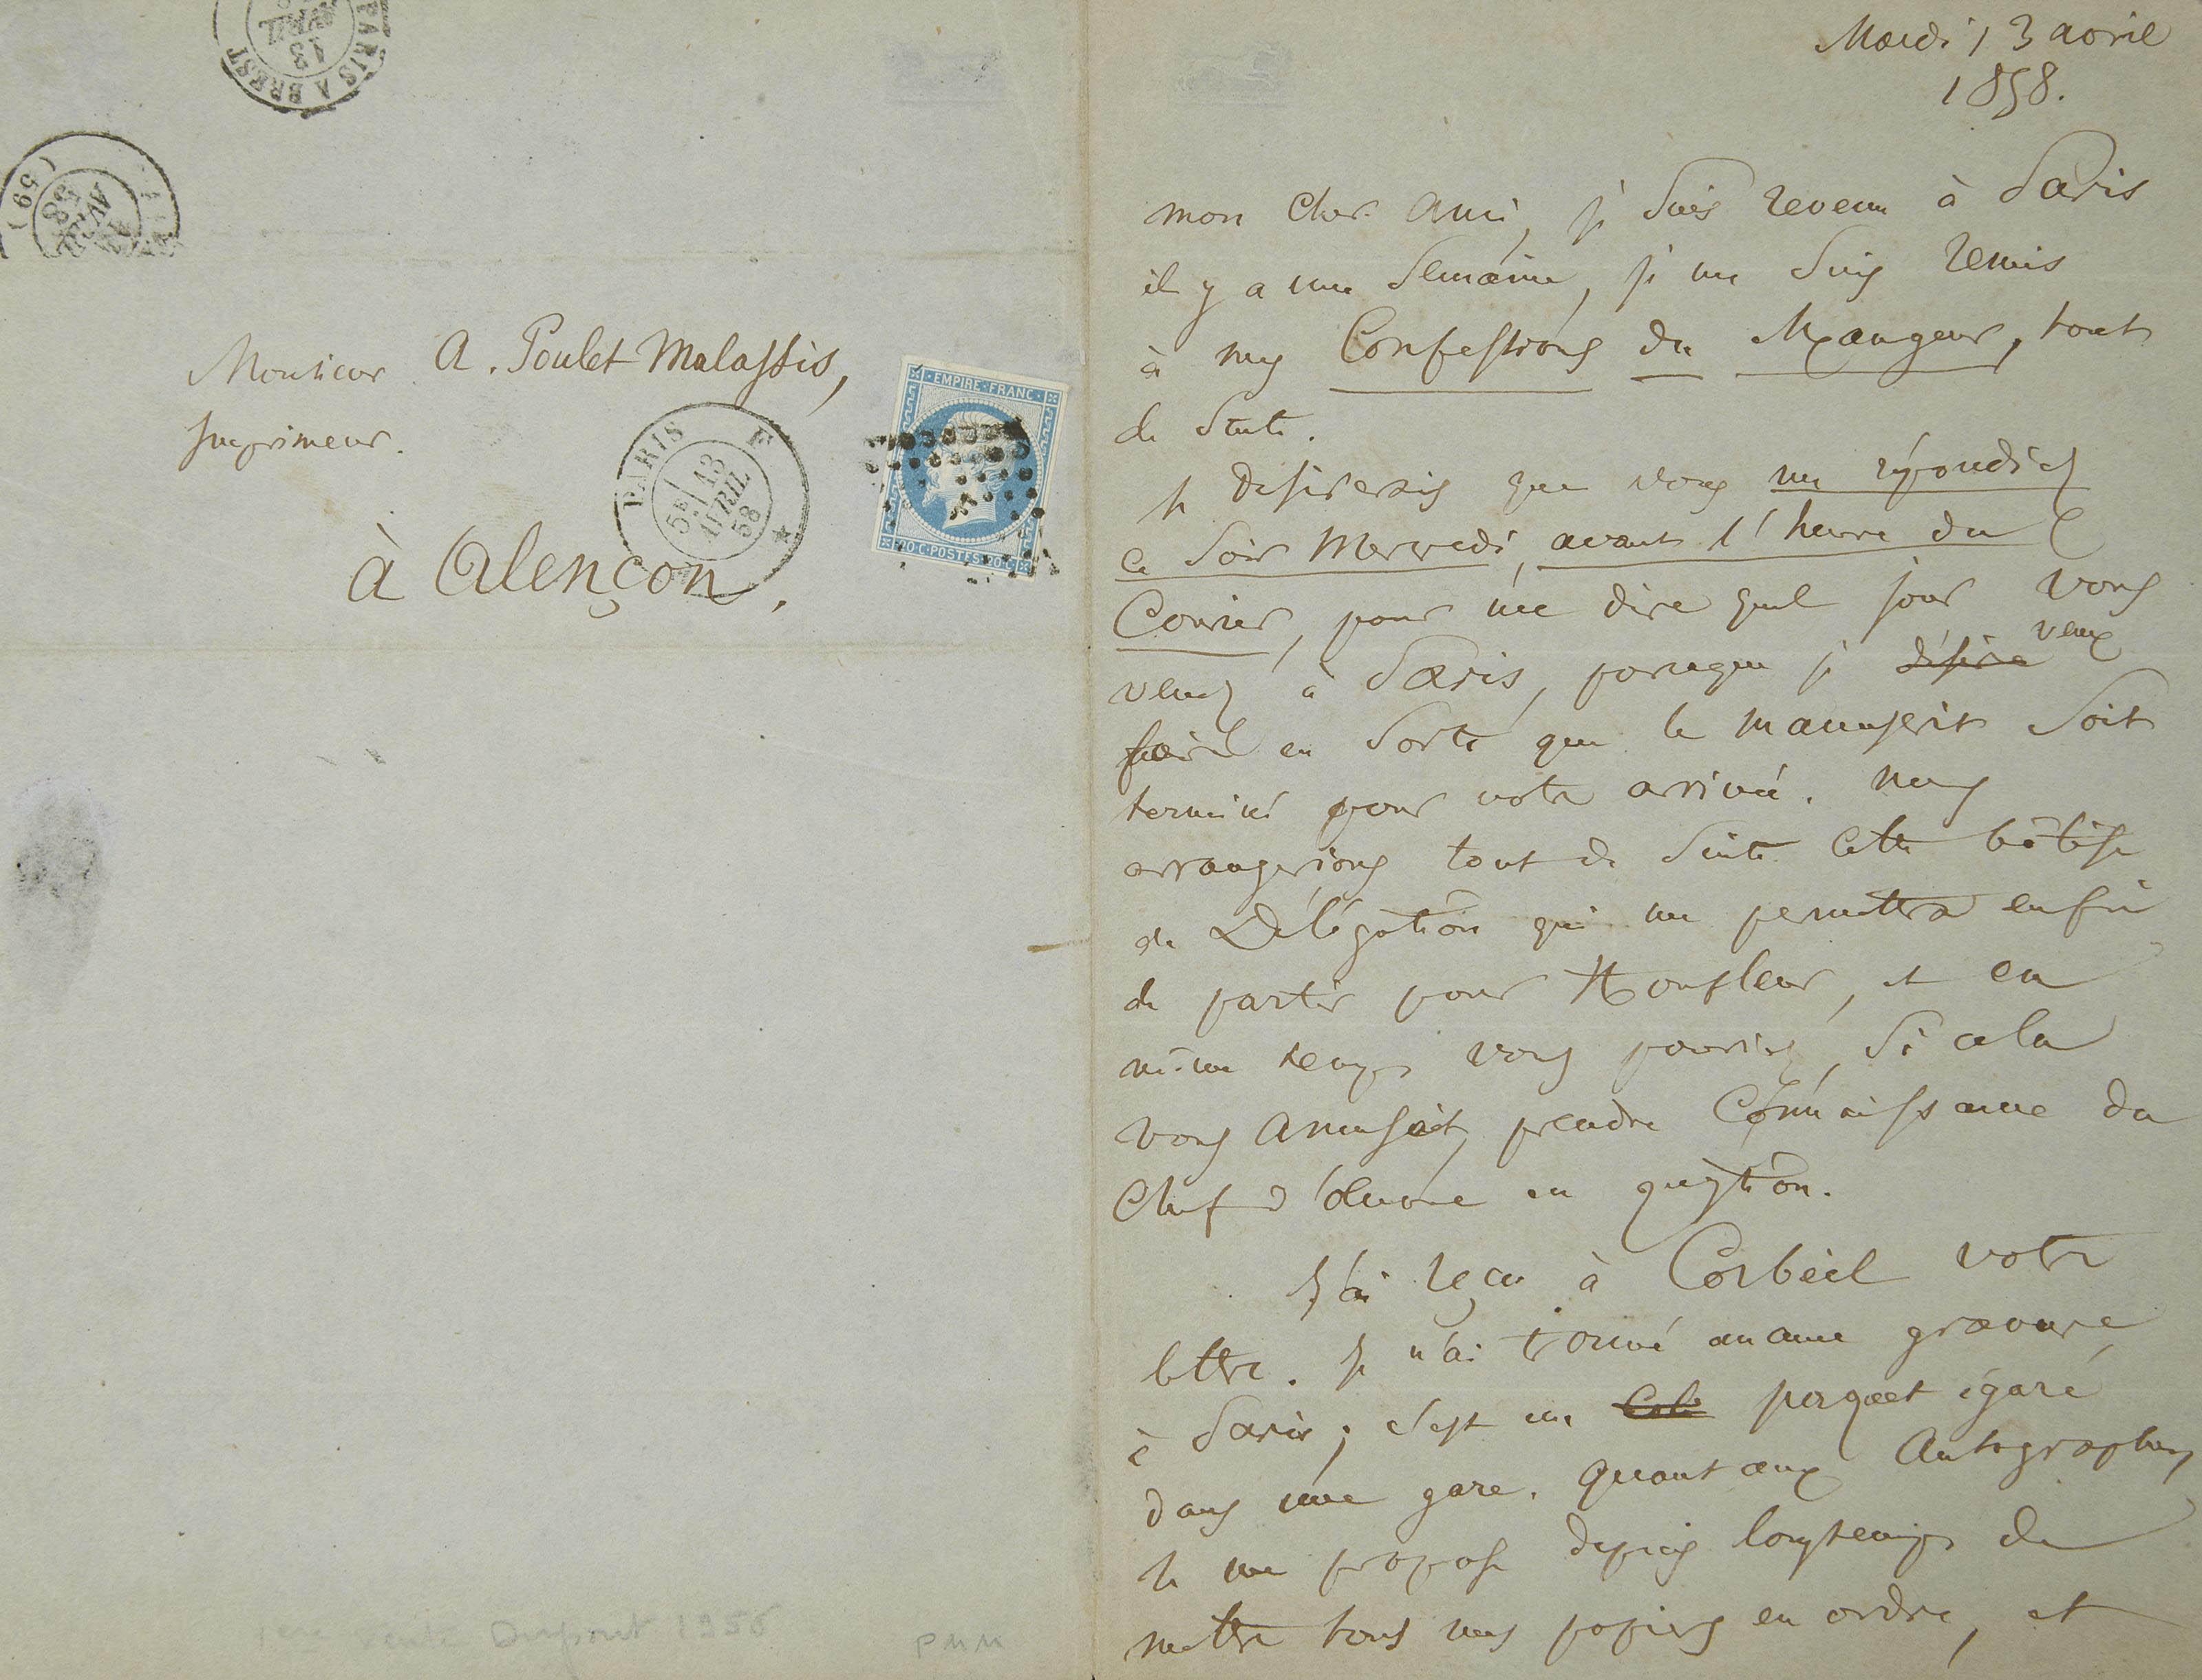 BAUDELAIRE, Charles. Lettre autographe signée à Auguste Poulet-Malassis, 2 pages in-8 sur une feuille pliée (198 x 130 mm), datée mardi 13 avril 1858, avec le timbre-poste. (Traces de pliures.)